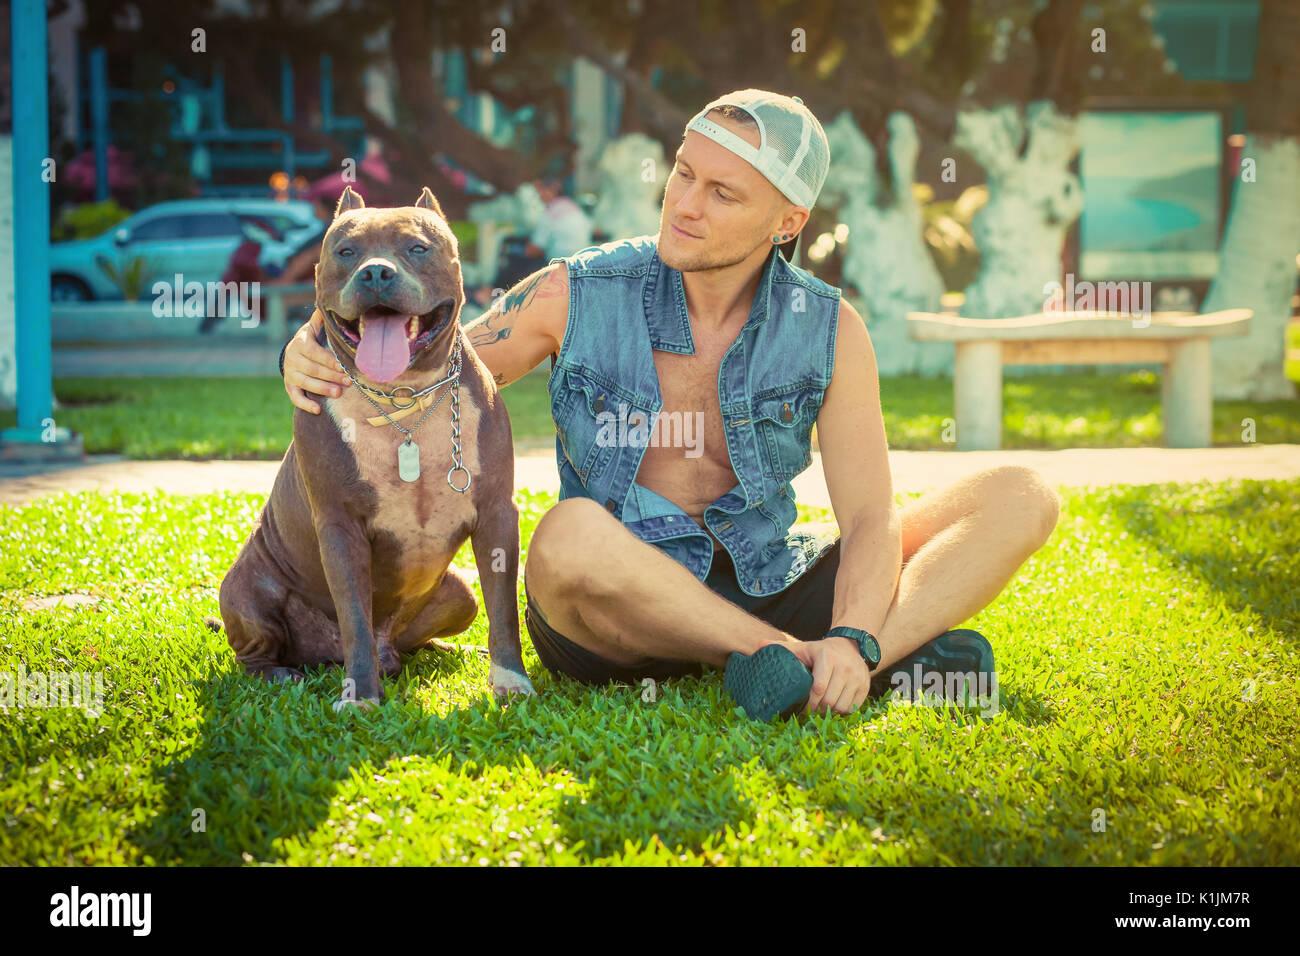 L'homme et le chien bull-terrier américain de mine de détente à l'initiative Faire place au parc et s'étreindre Photo Stock